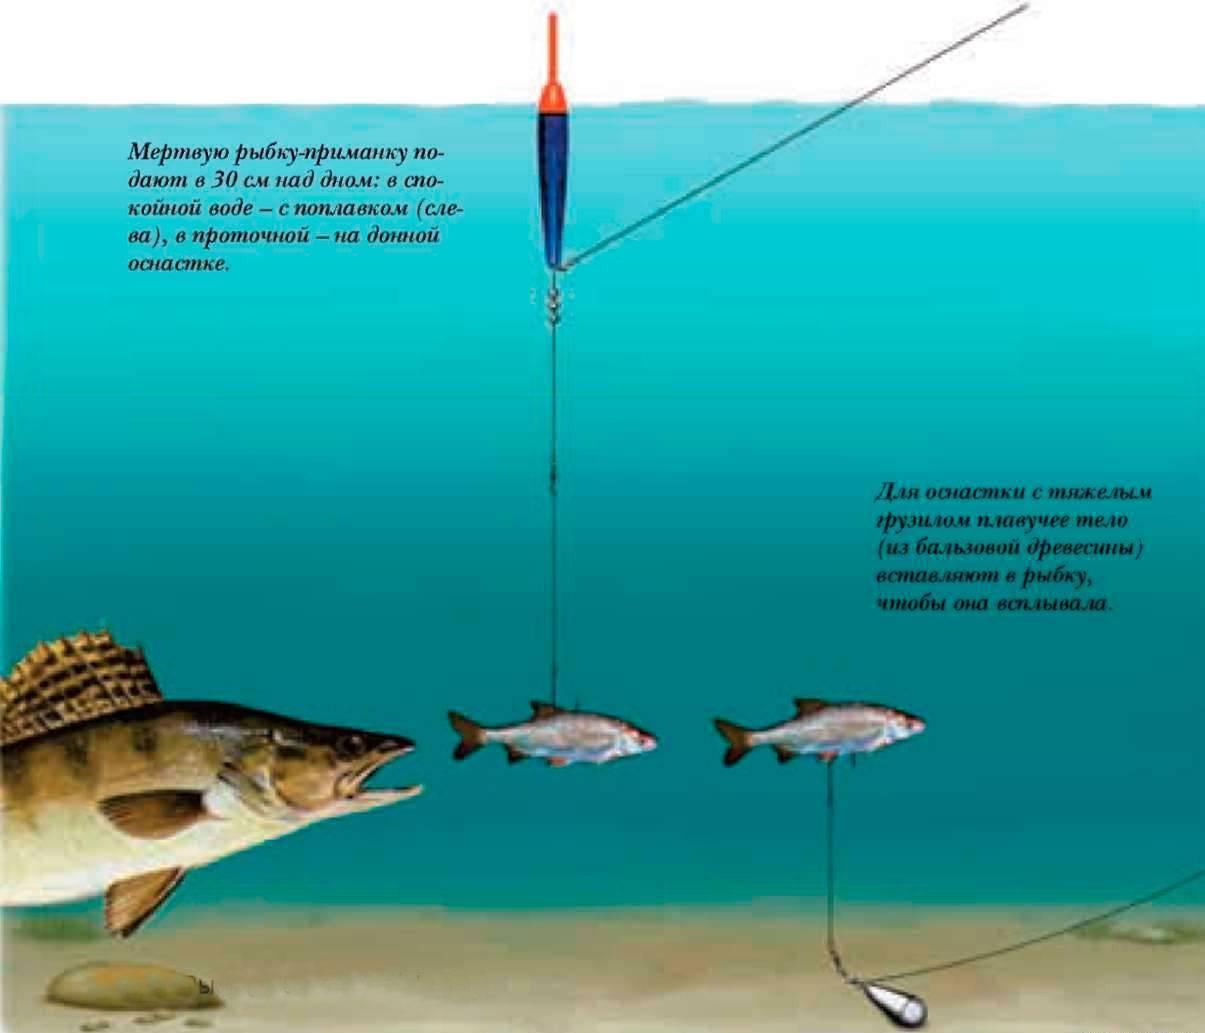 Ловля судака на живца: выбор наживки, ловля на малька осенью с лодки и другие способы, снасти для ловли в отвес и монтаж оснастки